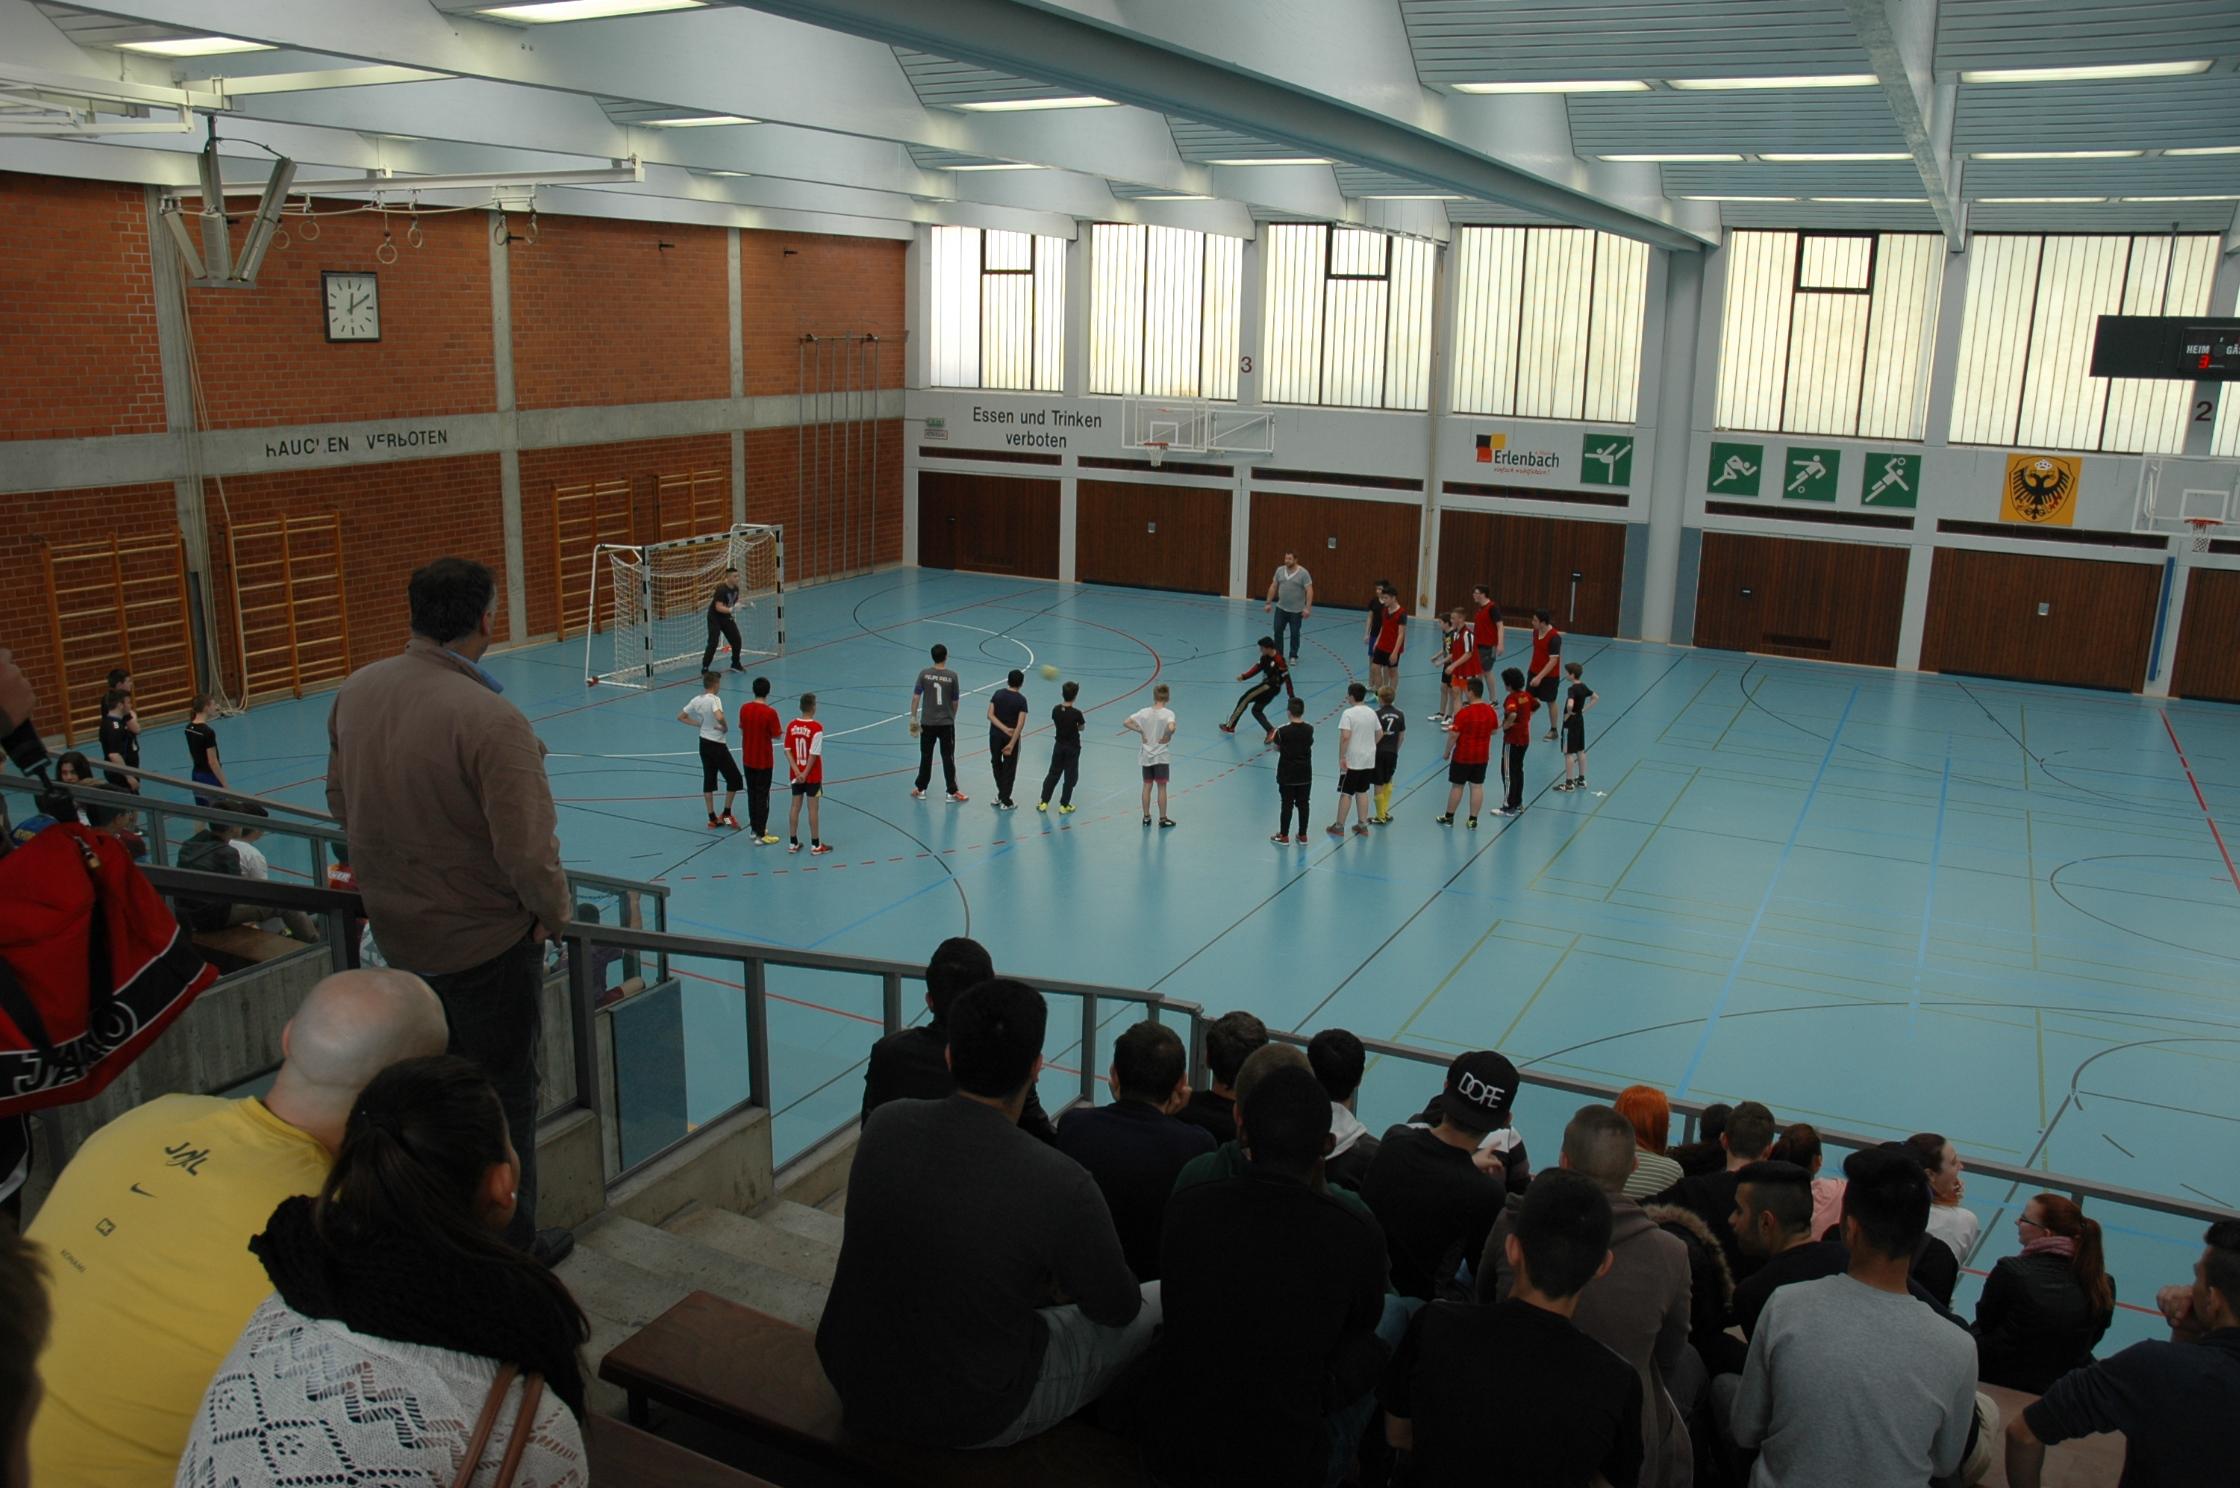 Großes Fußballturnier an der Barbarossa-Mittelschule